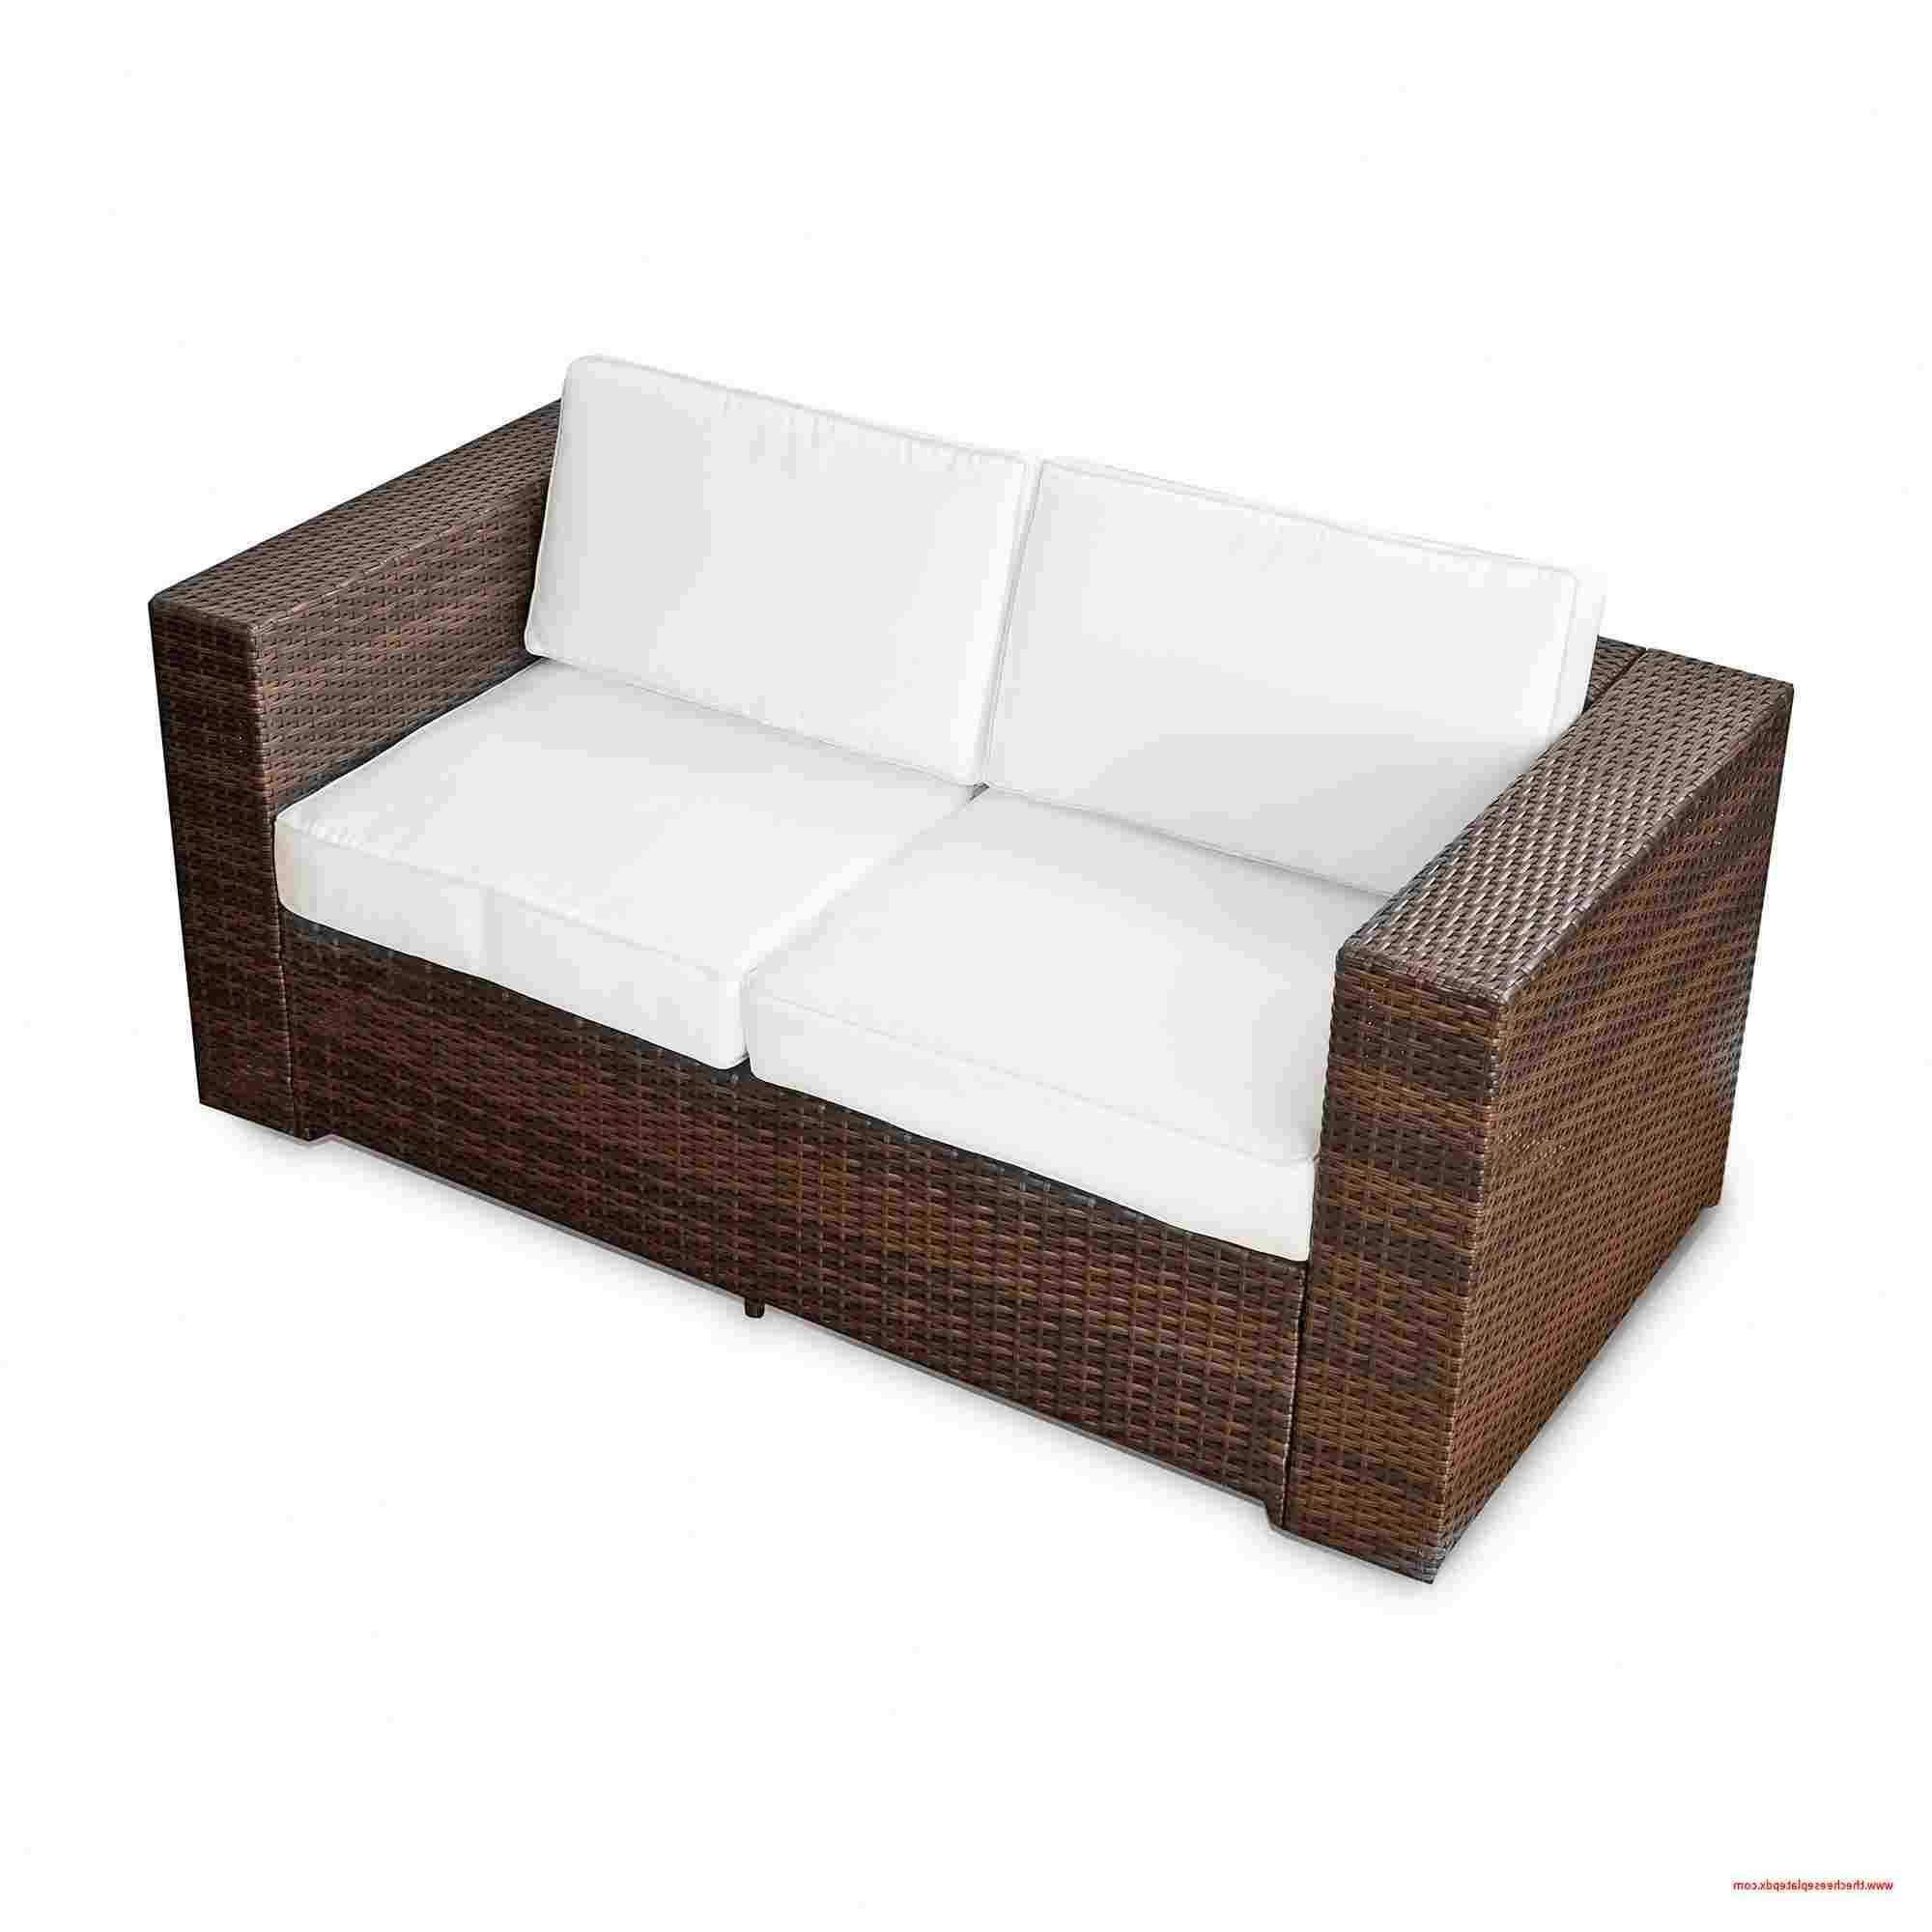 37 luxus von sofa kaufen gunstig design rcxq9jrr of couch billig kaufen